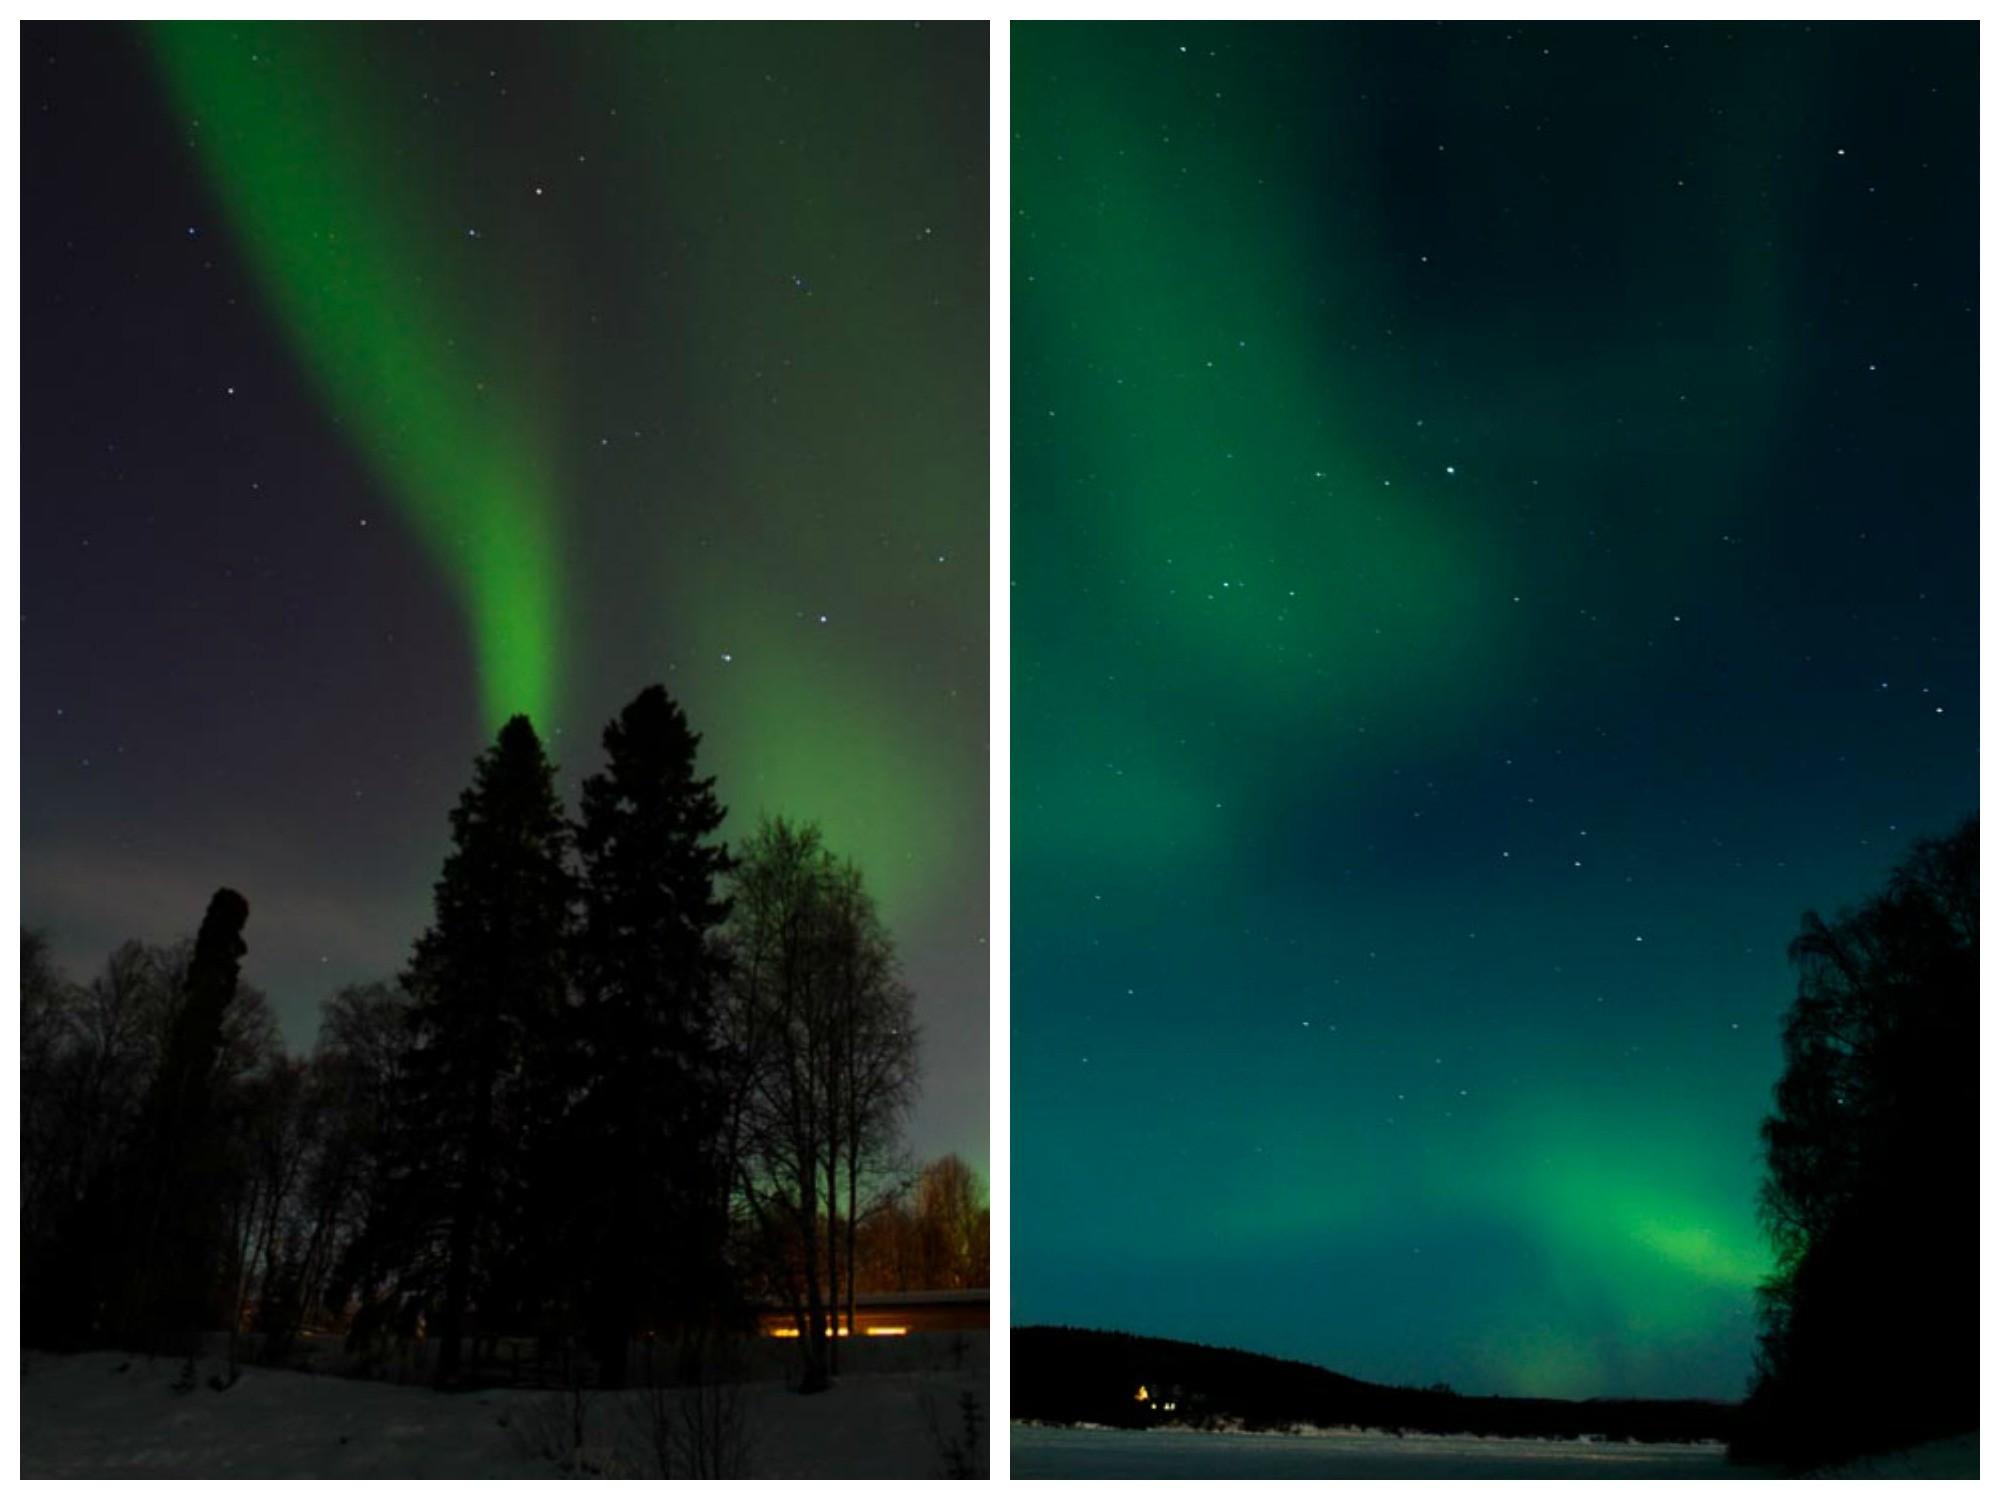 Tipps Zum Fotografieren 5 tipps polarlichter zu fotografieren synke unterwegs